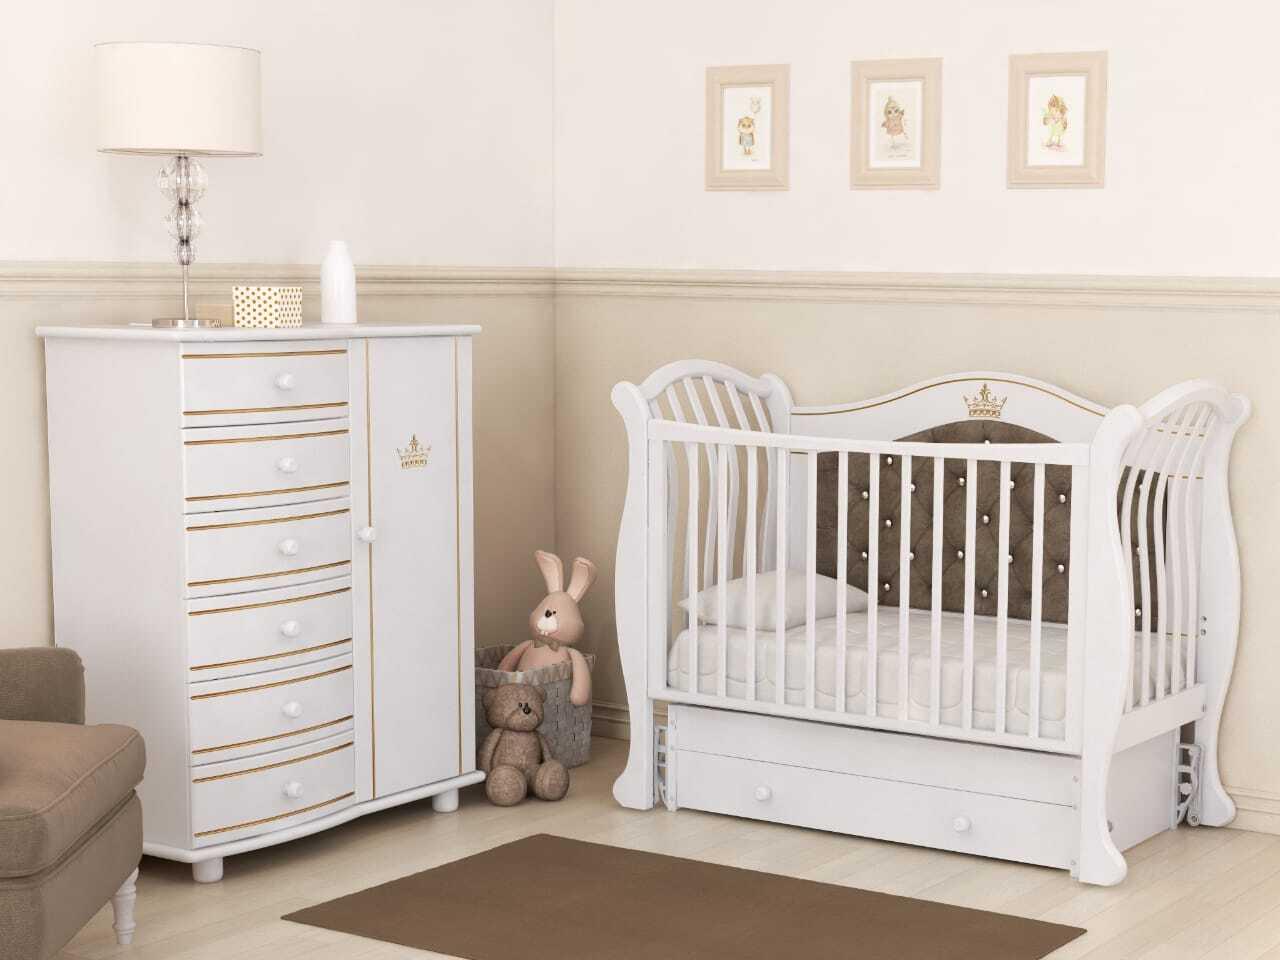 Кровать детская Гандылян Габриэлла Люкс Плюс  маятник универсальный  (белый)